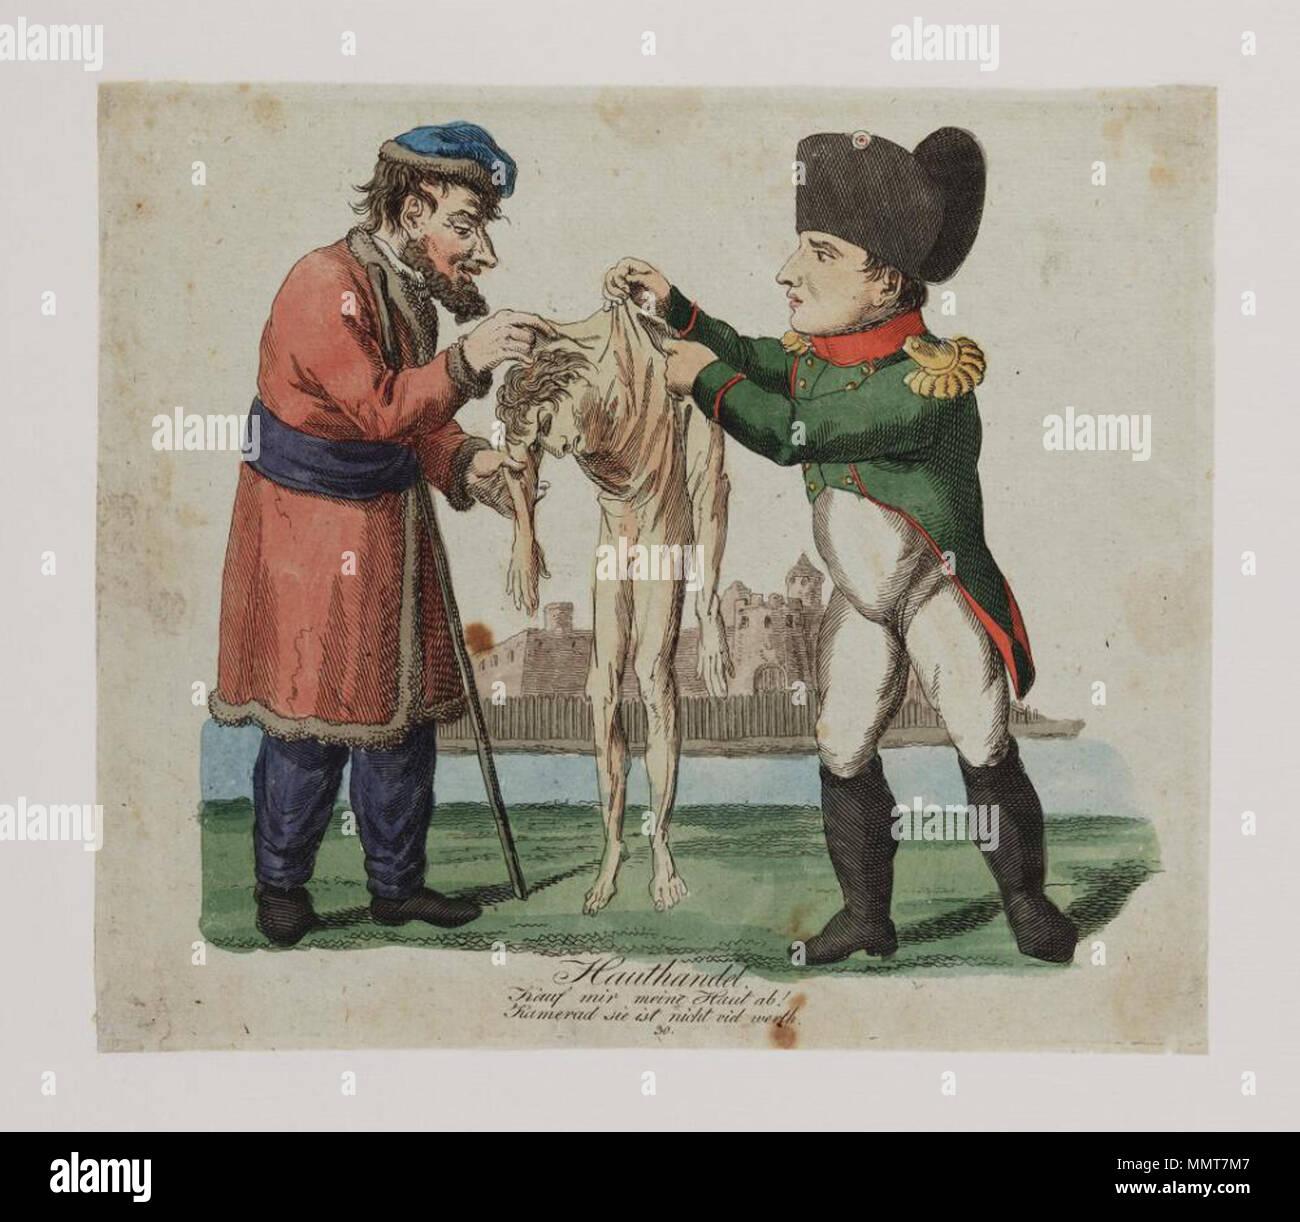 . German political cartoon; Numbered: 30;  Hauthandel: Kauf mir meine Haut ab! Kamerad sie ist nicht viel werth. June 1797. Bodleian Libraries, Hauthandel- Kauf mir meine Haut ab Kamerad sie ist nicht viel werth - Stock Image